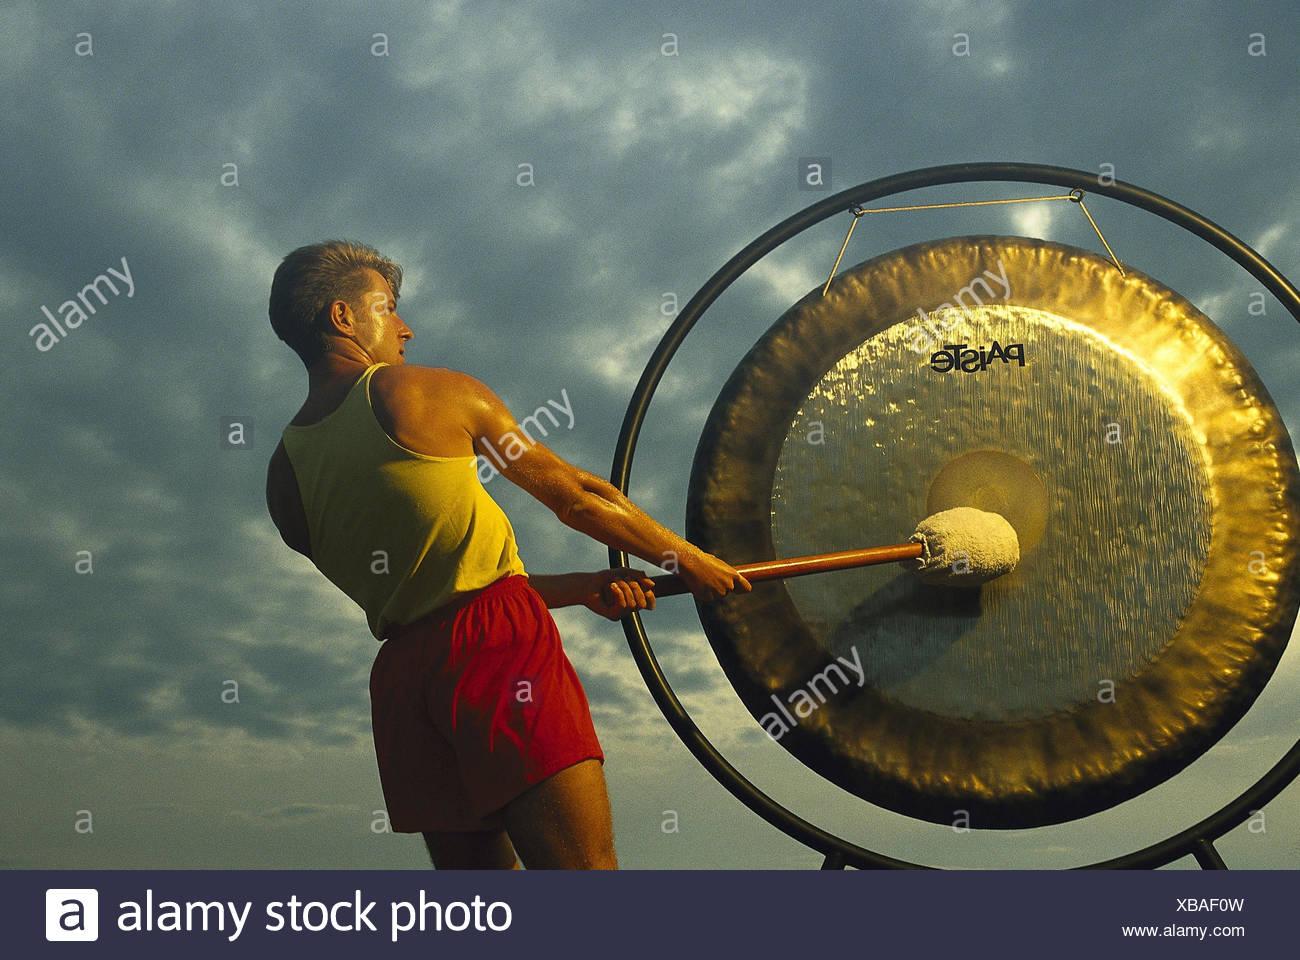 L'homme, gong, frapper, signal, le ton, la culture, la tradition, en chinois, asiatiques, marteau, coup, en grande partie, autour, laiton, bronze, Photo Stock